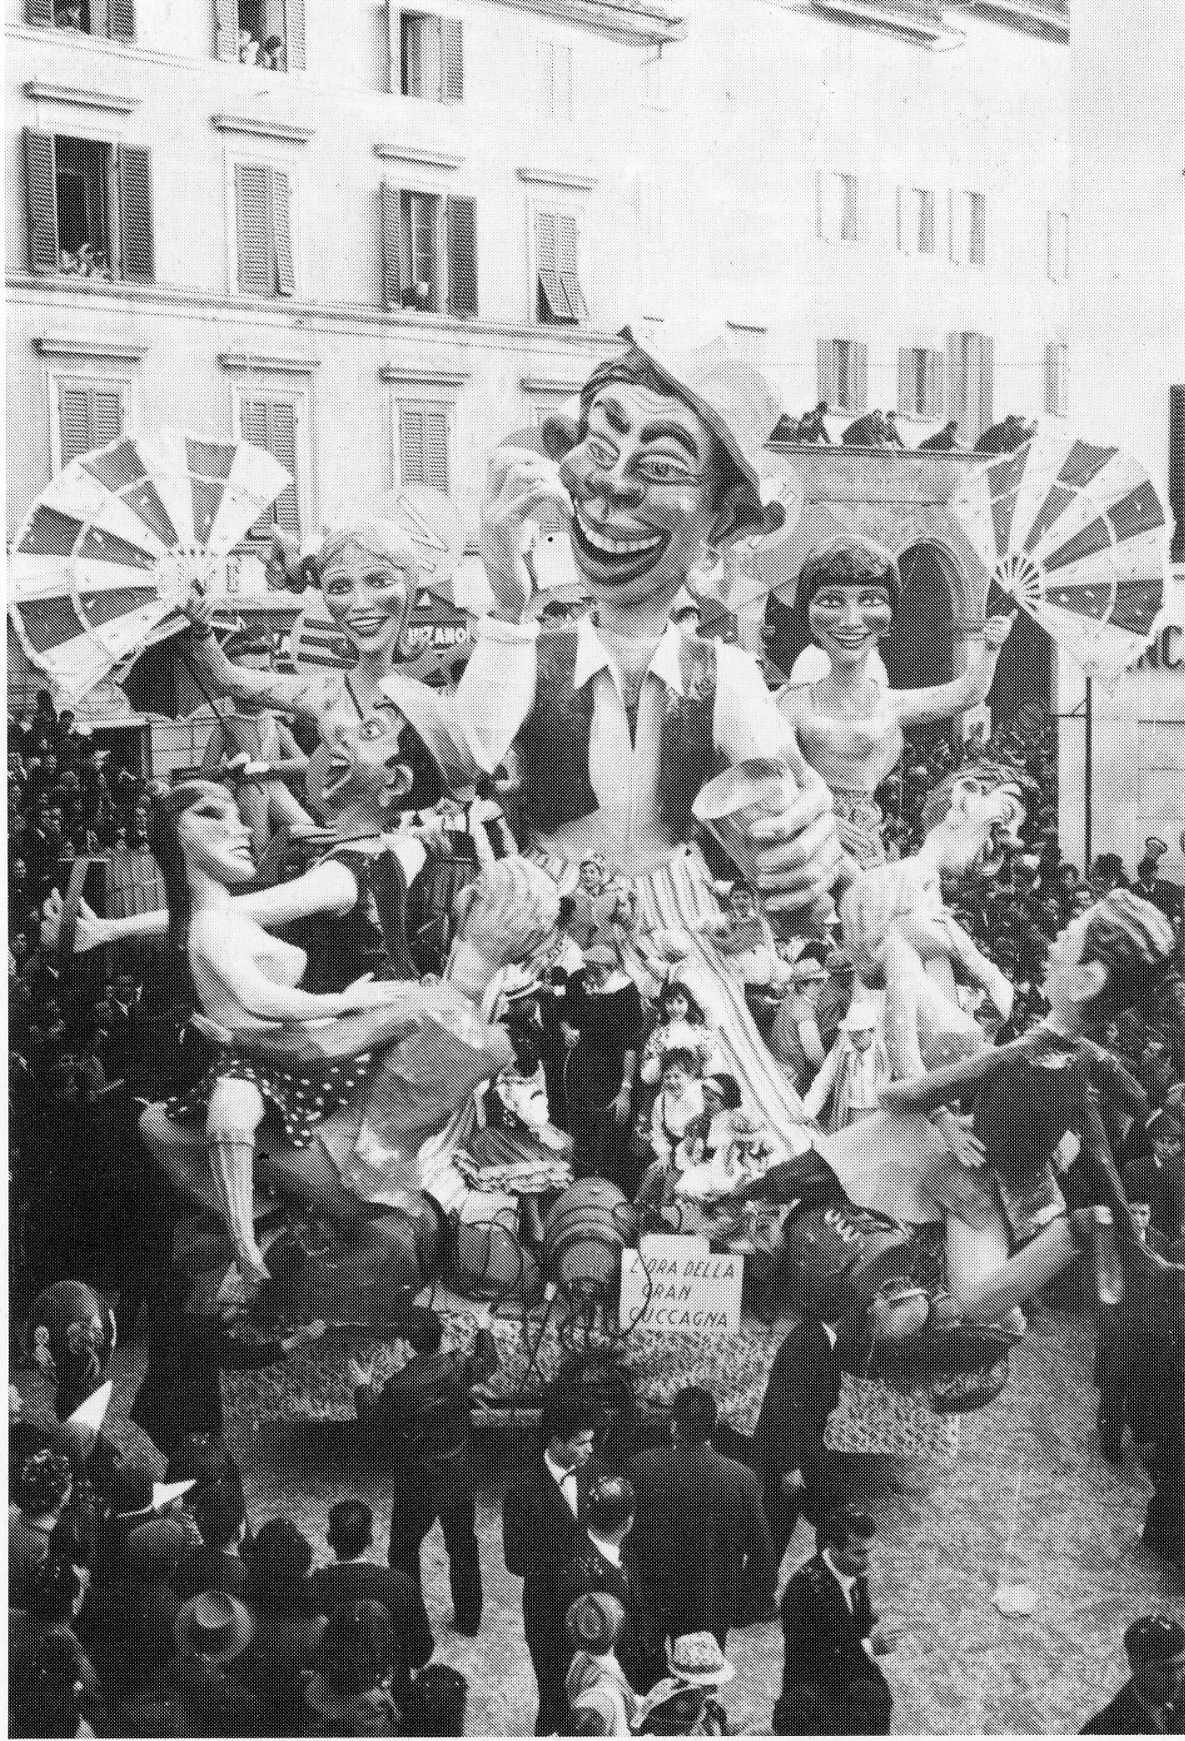 L'ORA DELLA GRAN CUCCAGNA-1964